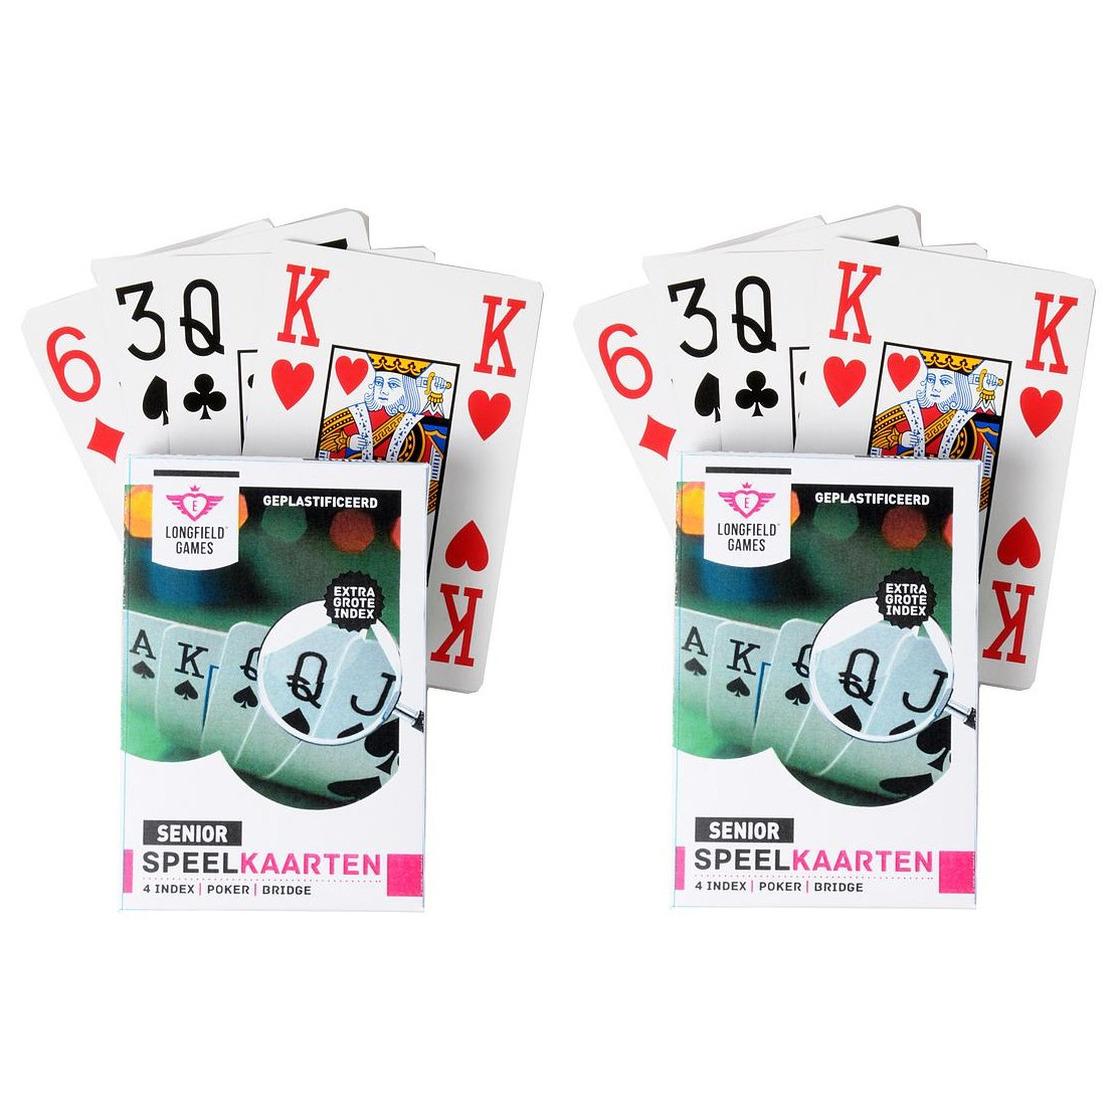 3x senioren speelkaarten plastic poker bridge kaartspel